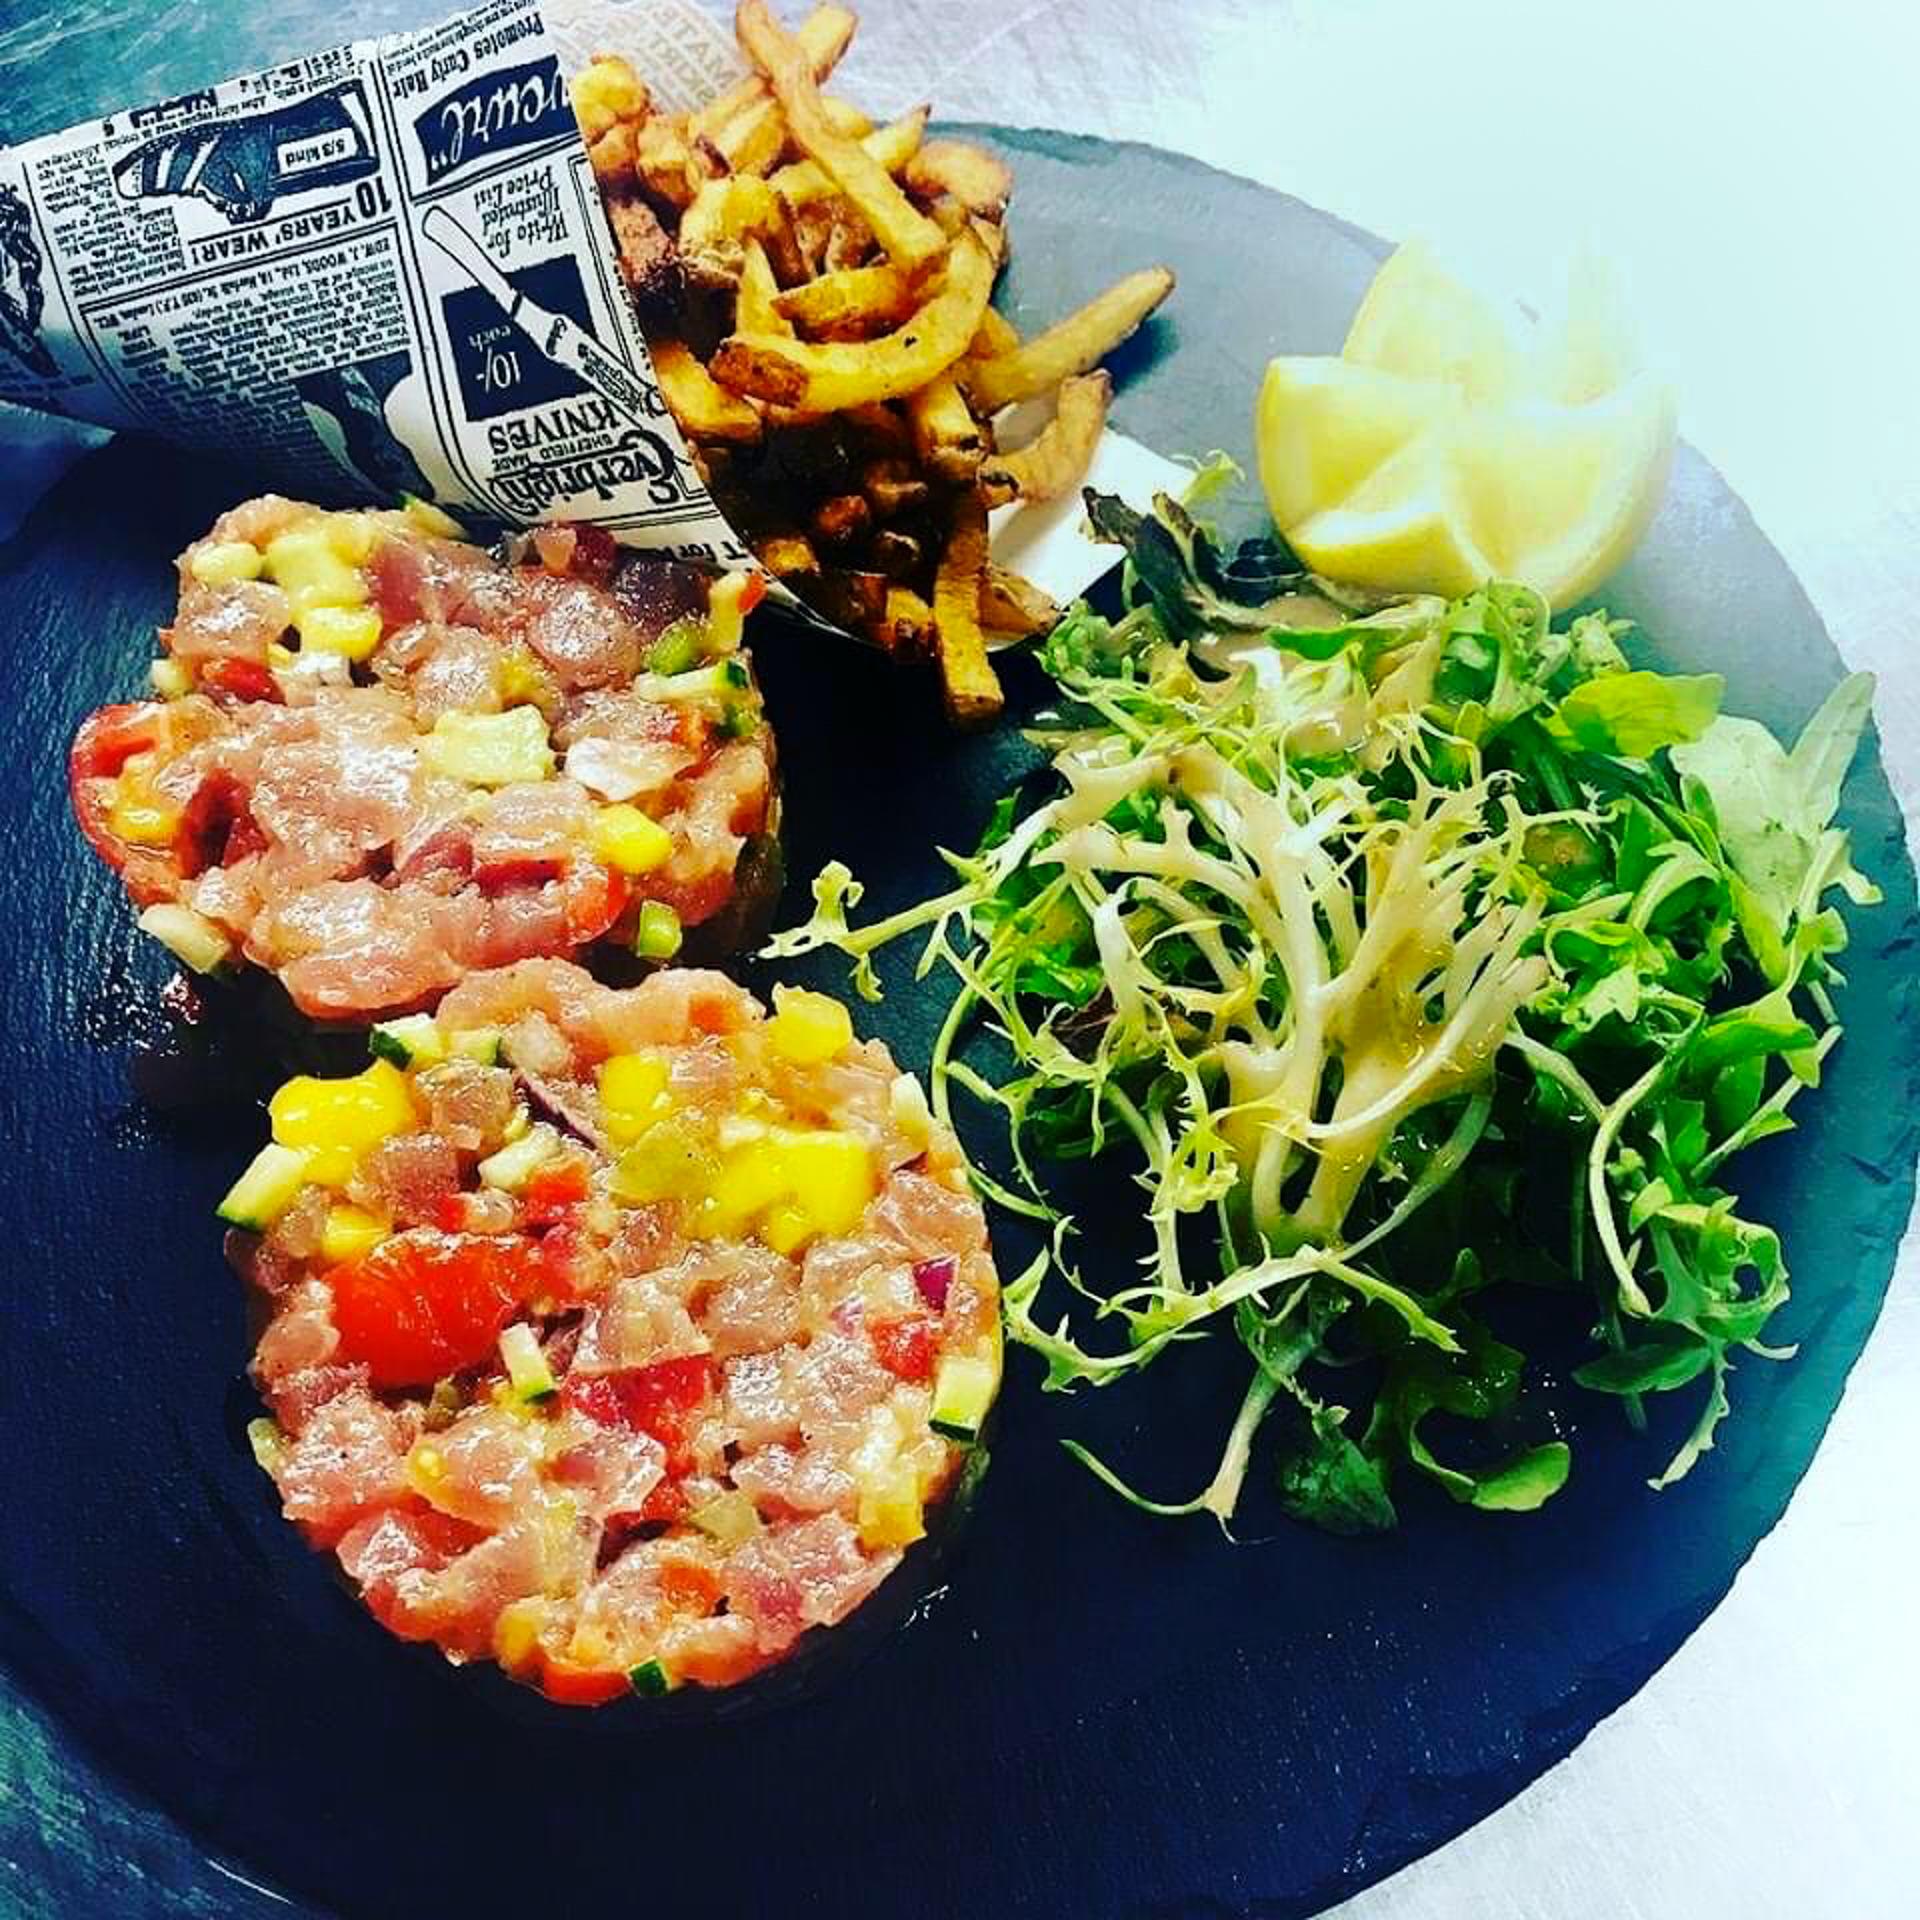 Tartare de poisson, frite et salade